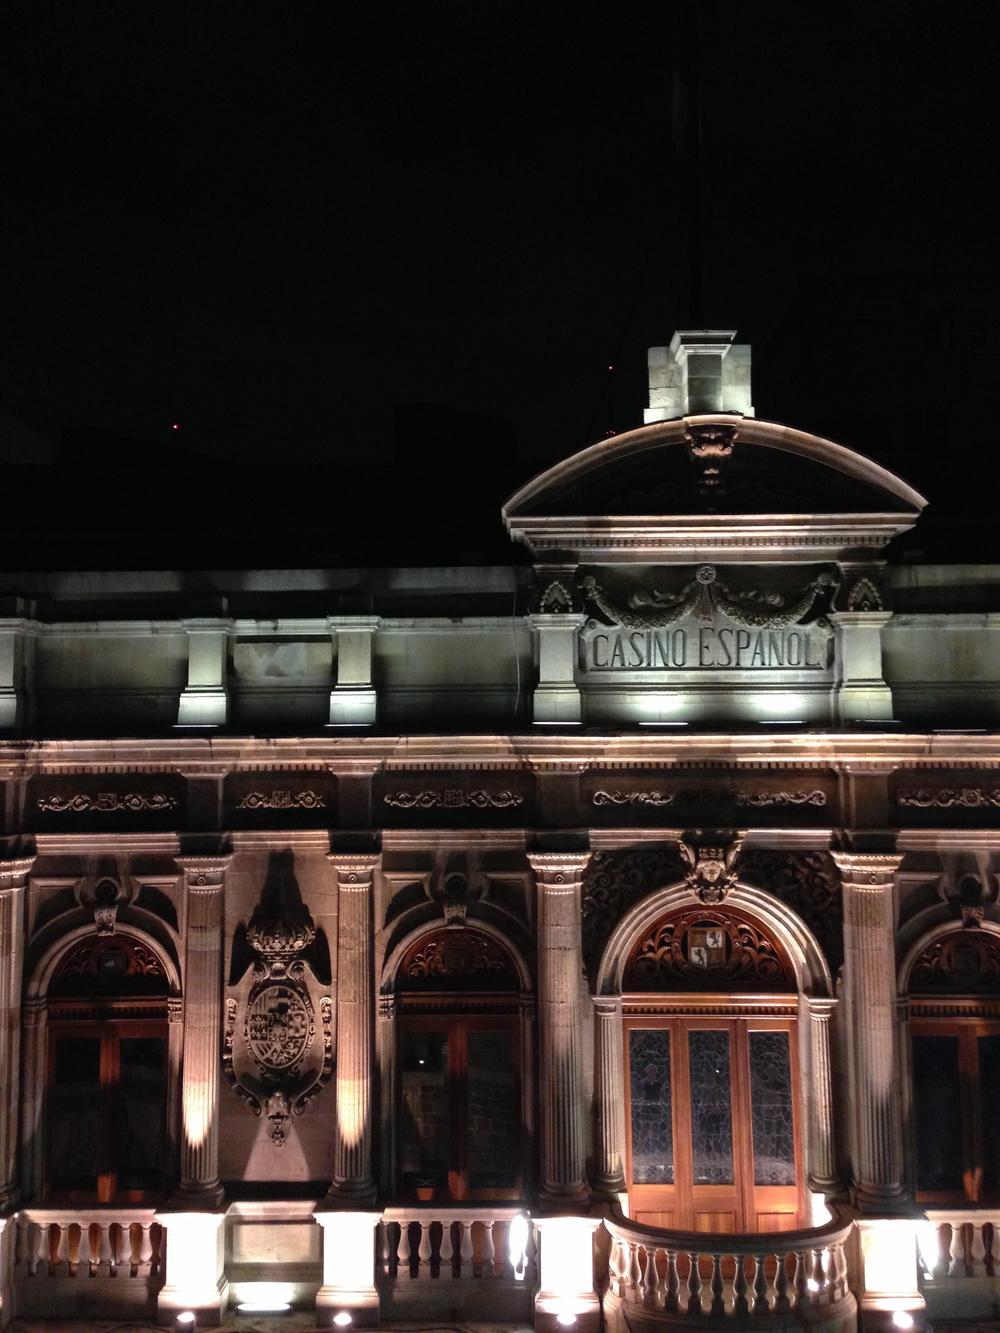 Casino & Library